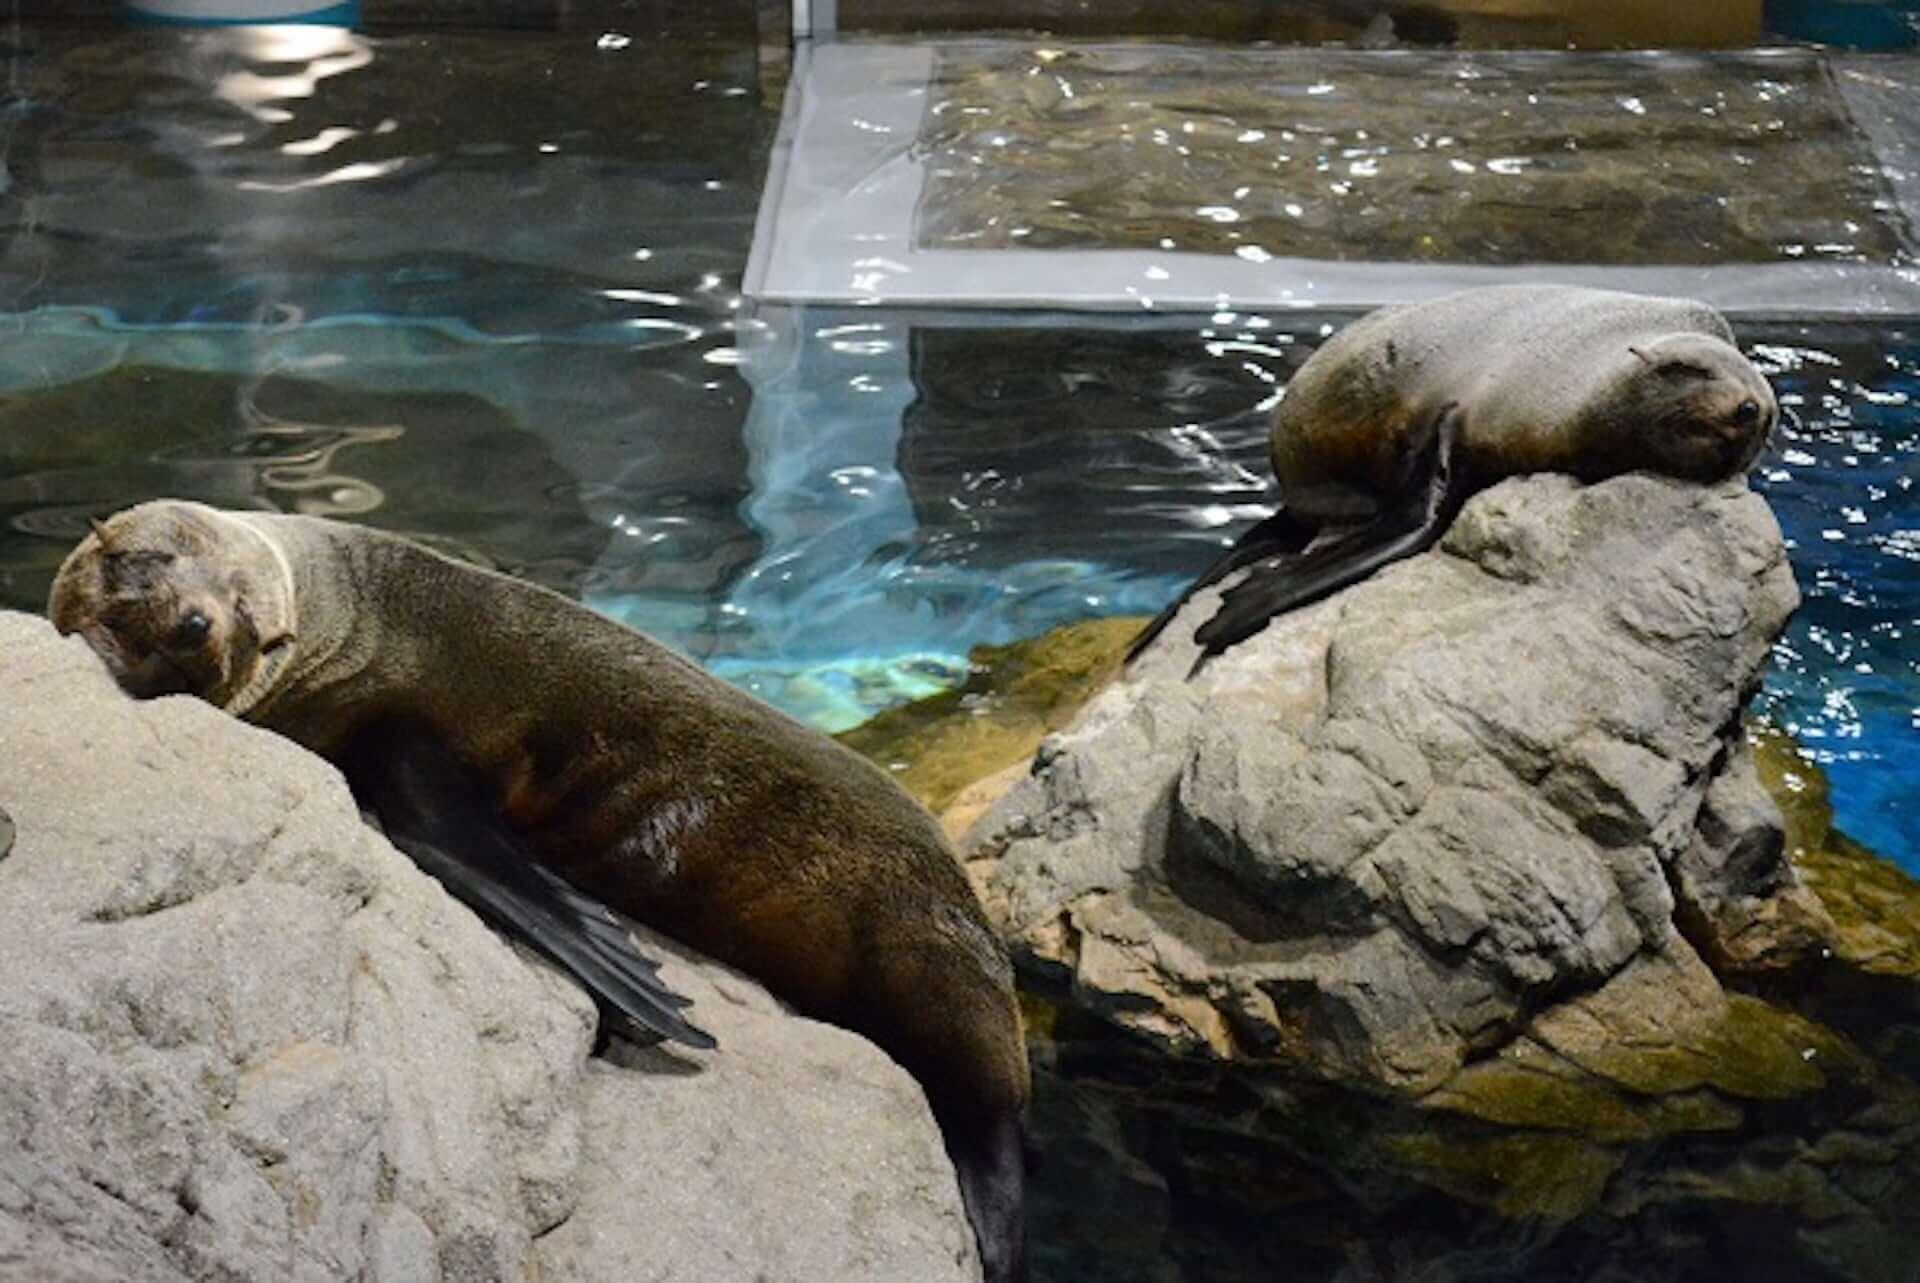 夏休みは京都水族館へ!夜限定イベント<夜のすいぞくかん>が今年も開催決定|イルカの新パフォーマンスも art200713_kyoto-aquarium_1-1920x1283